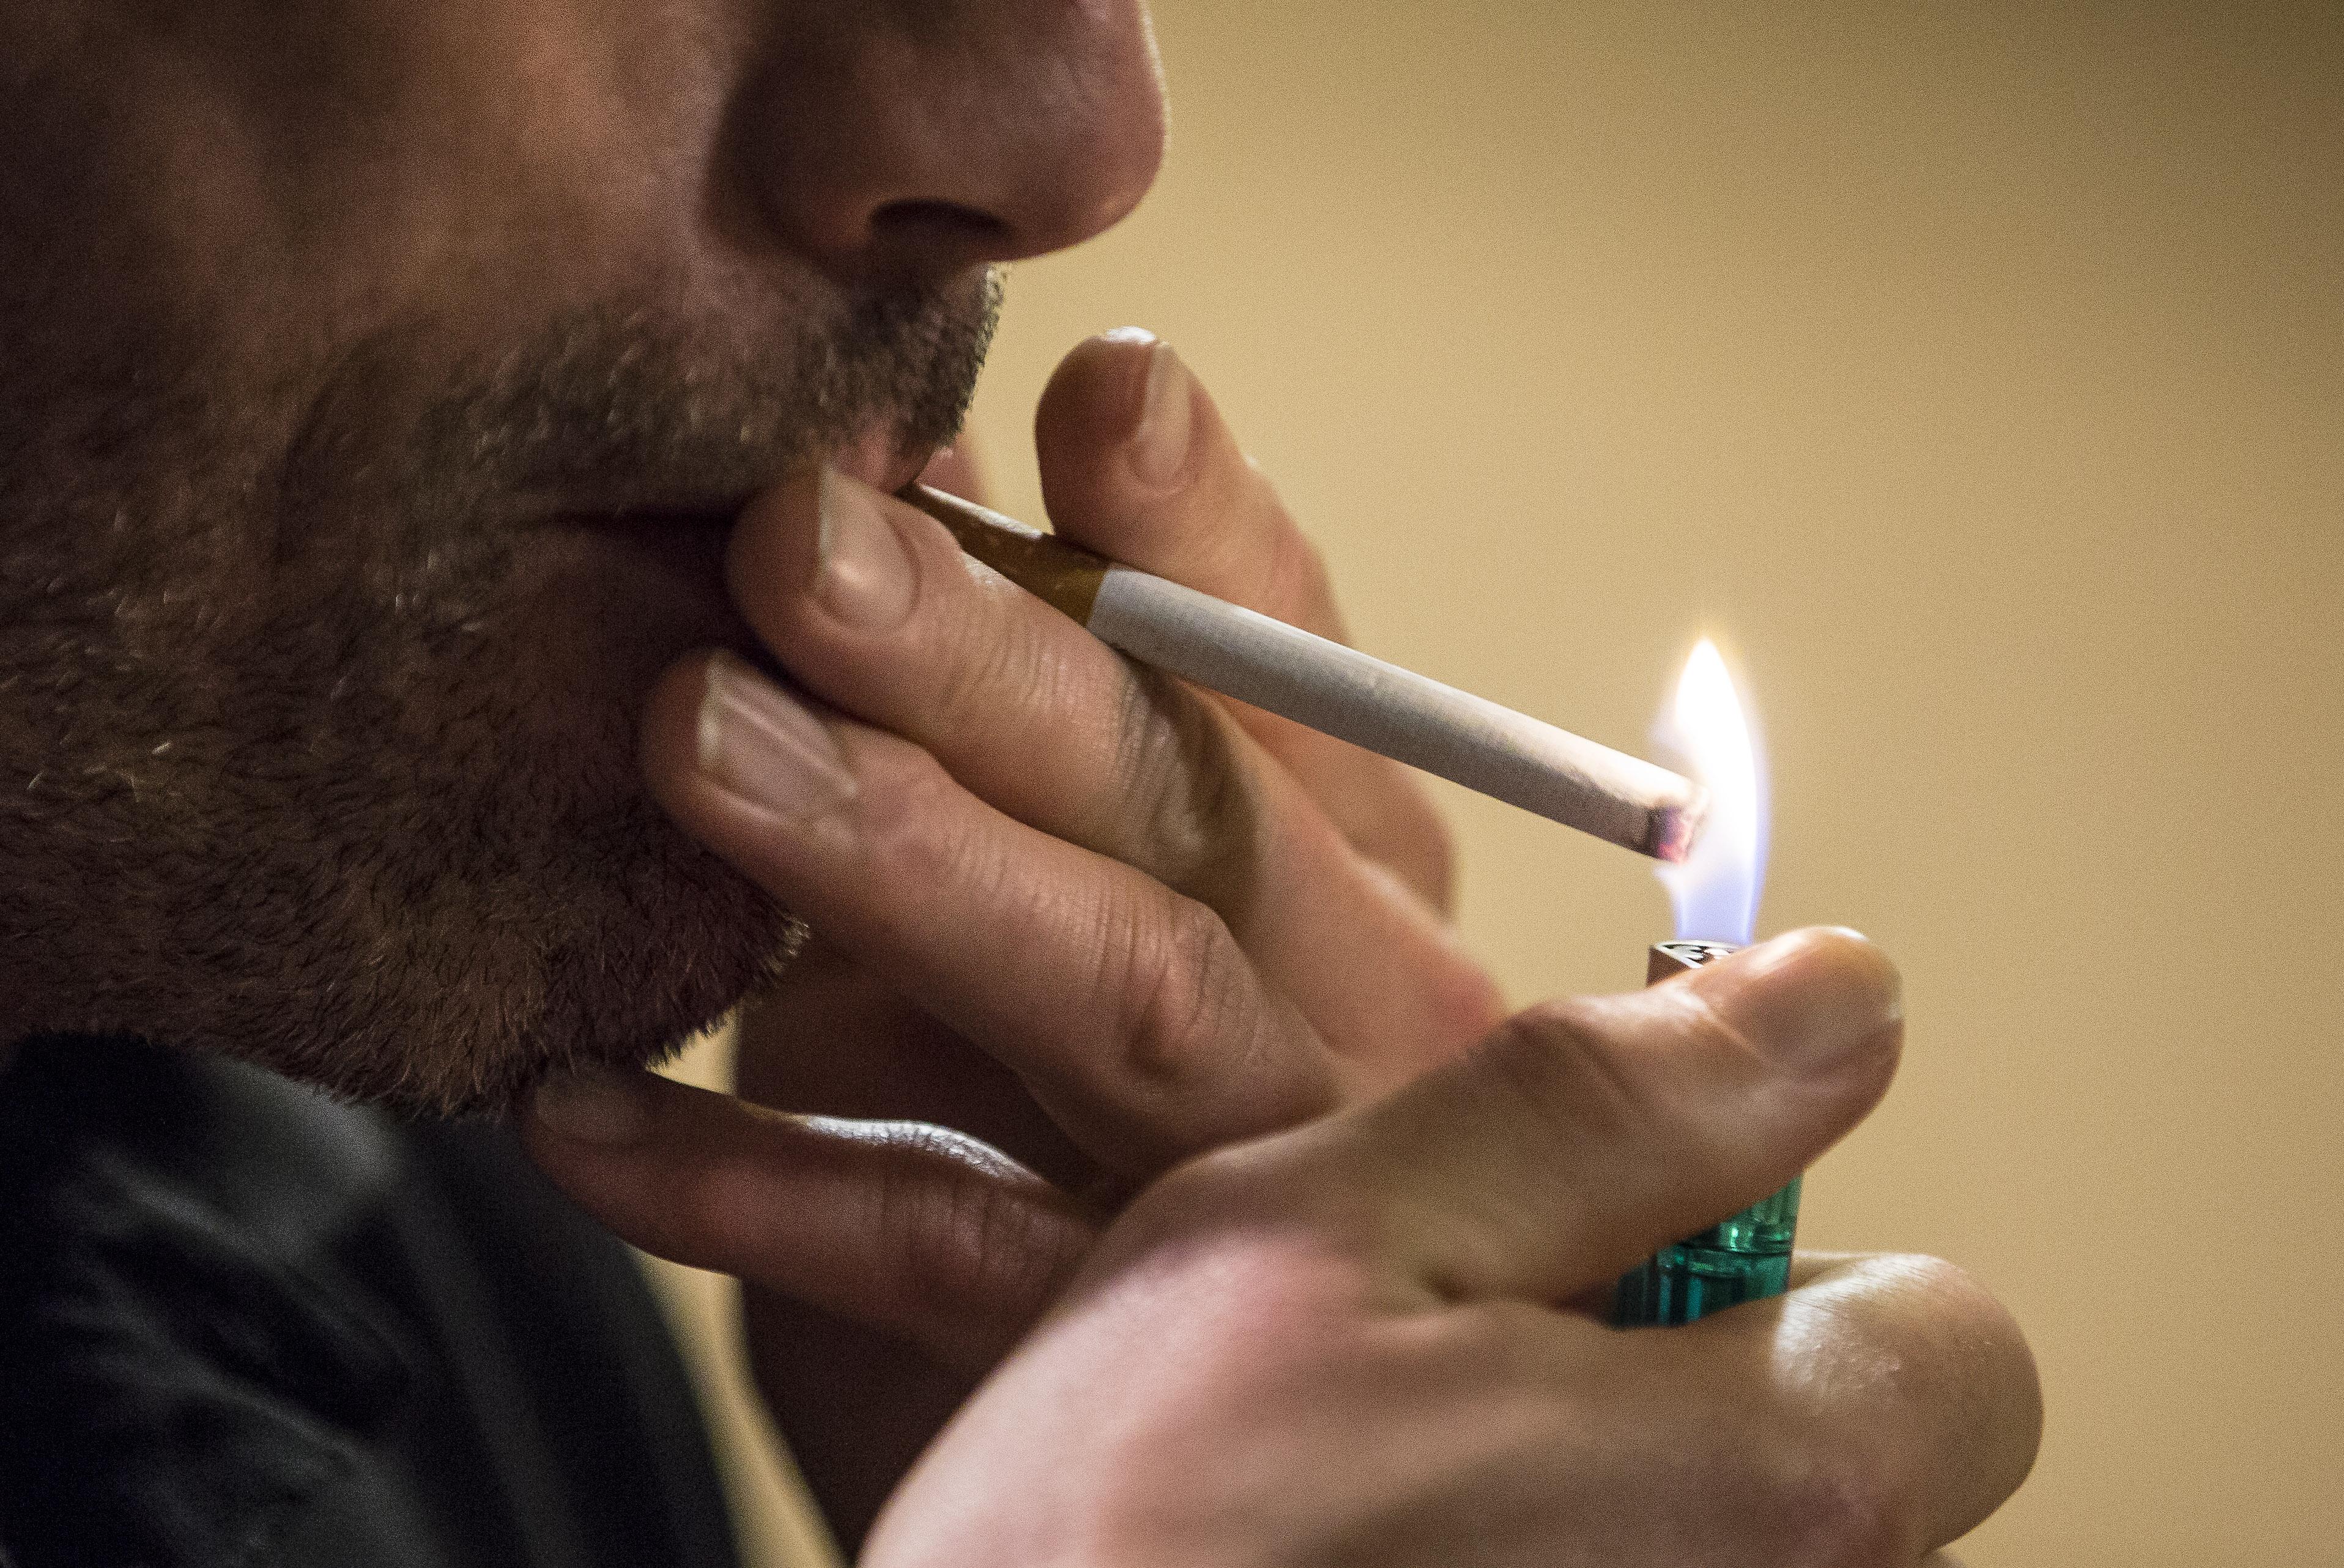 'In 2040 zo goed als rookvrij zijn moet kunnen'